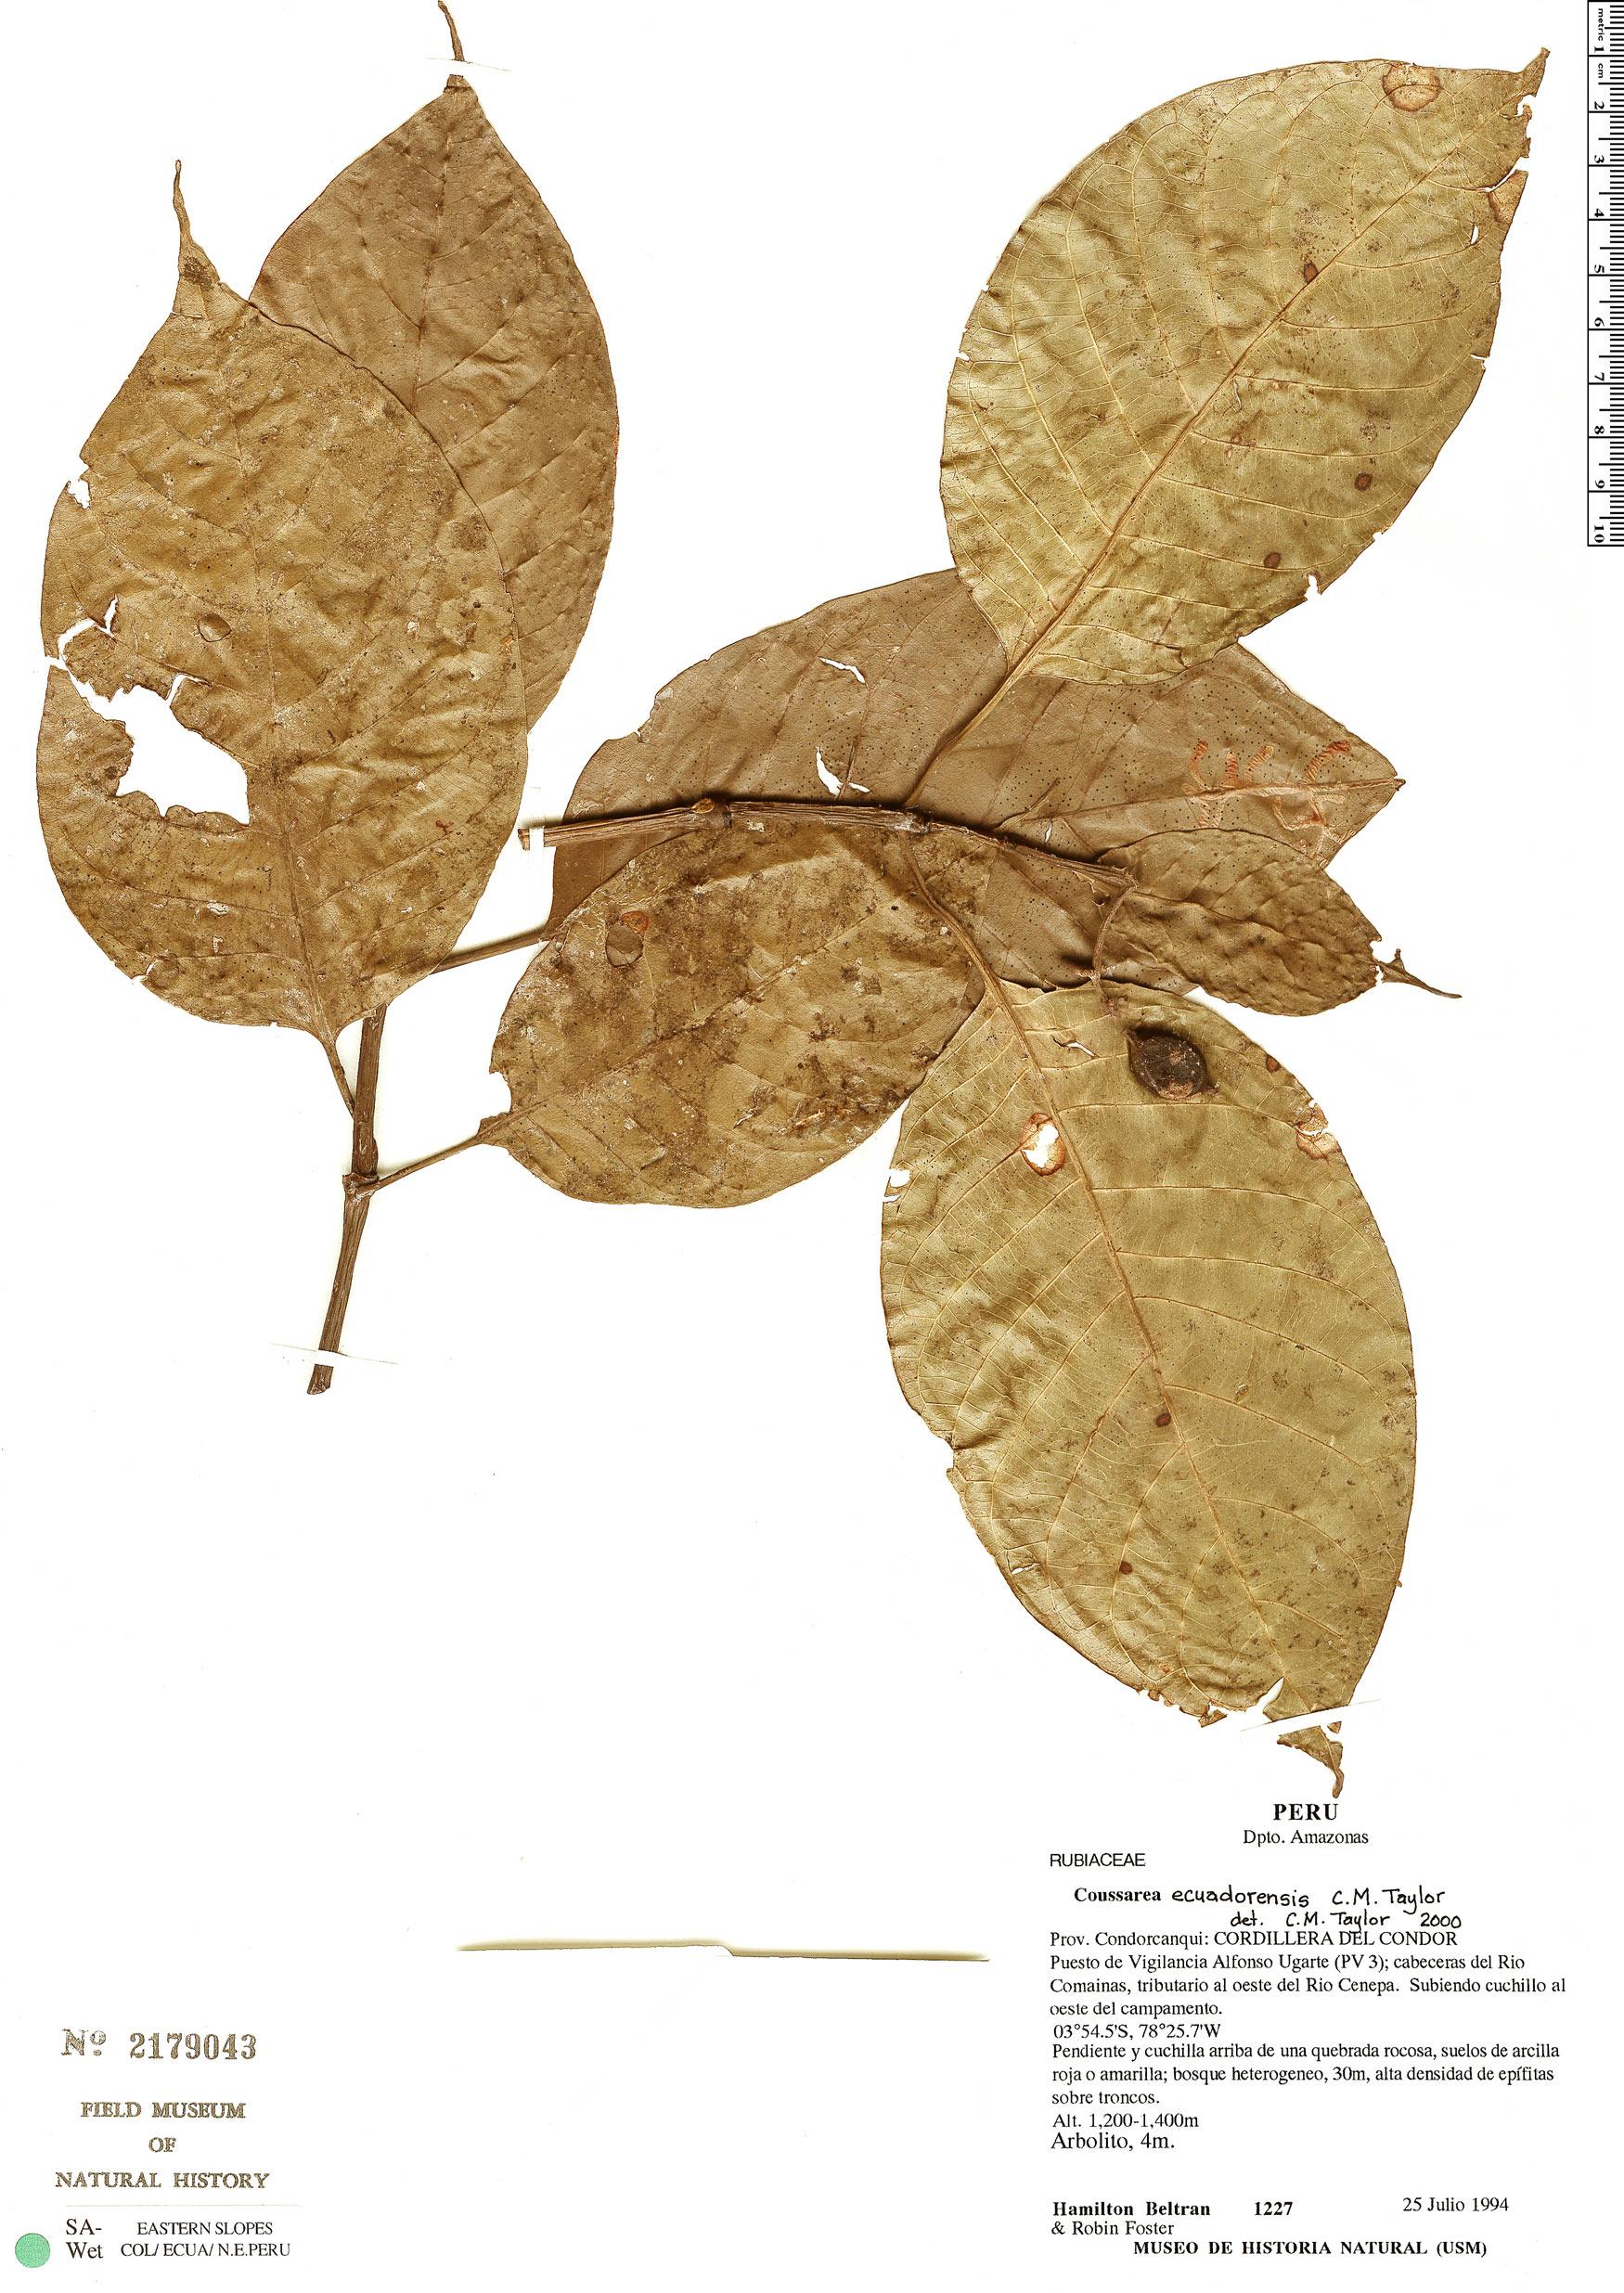 Specimen: Coussarea ecuadorensis